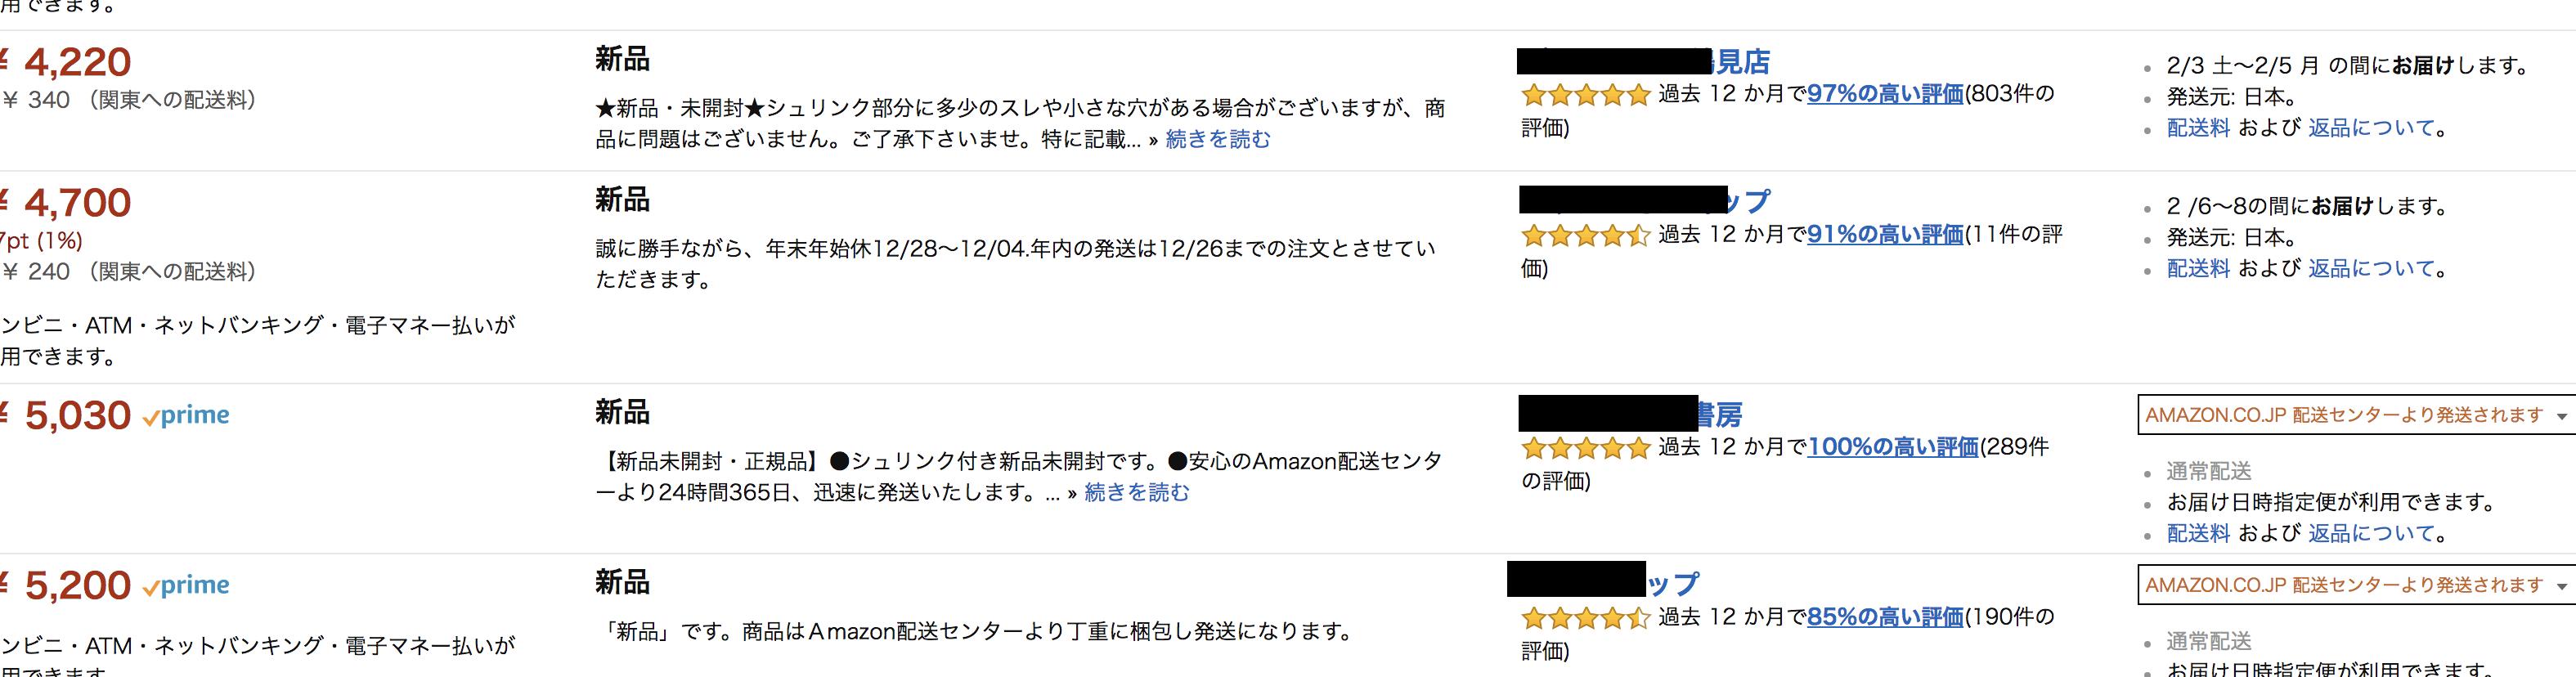 amazon 評価 削除